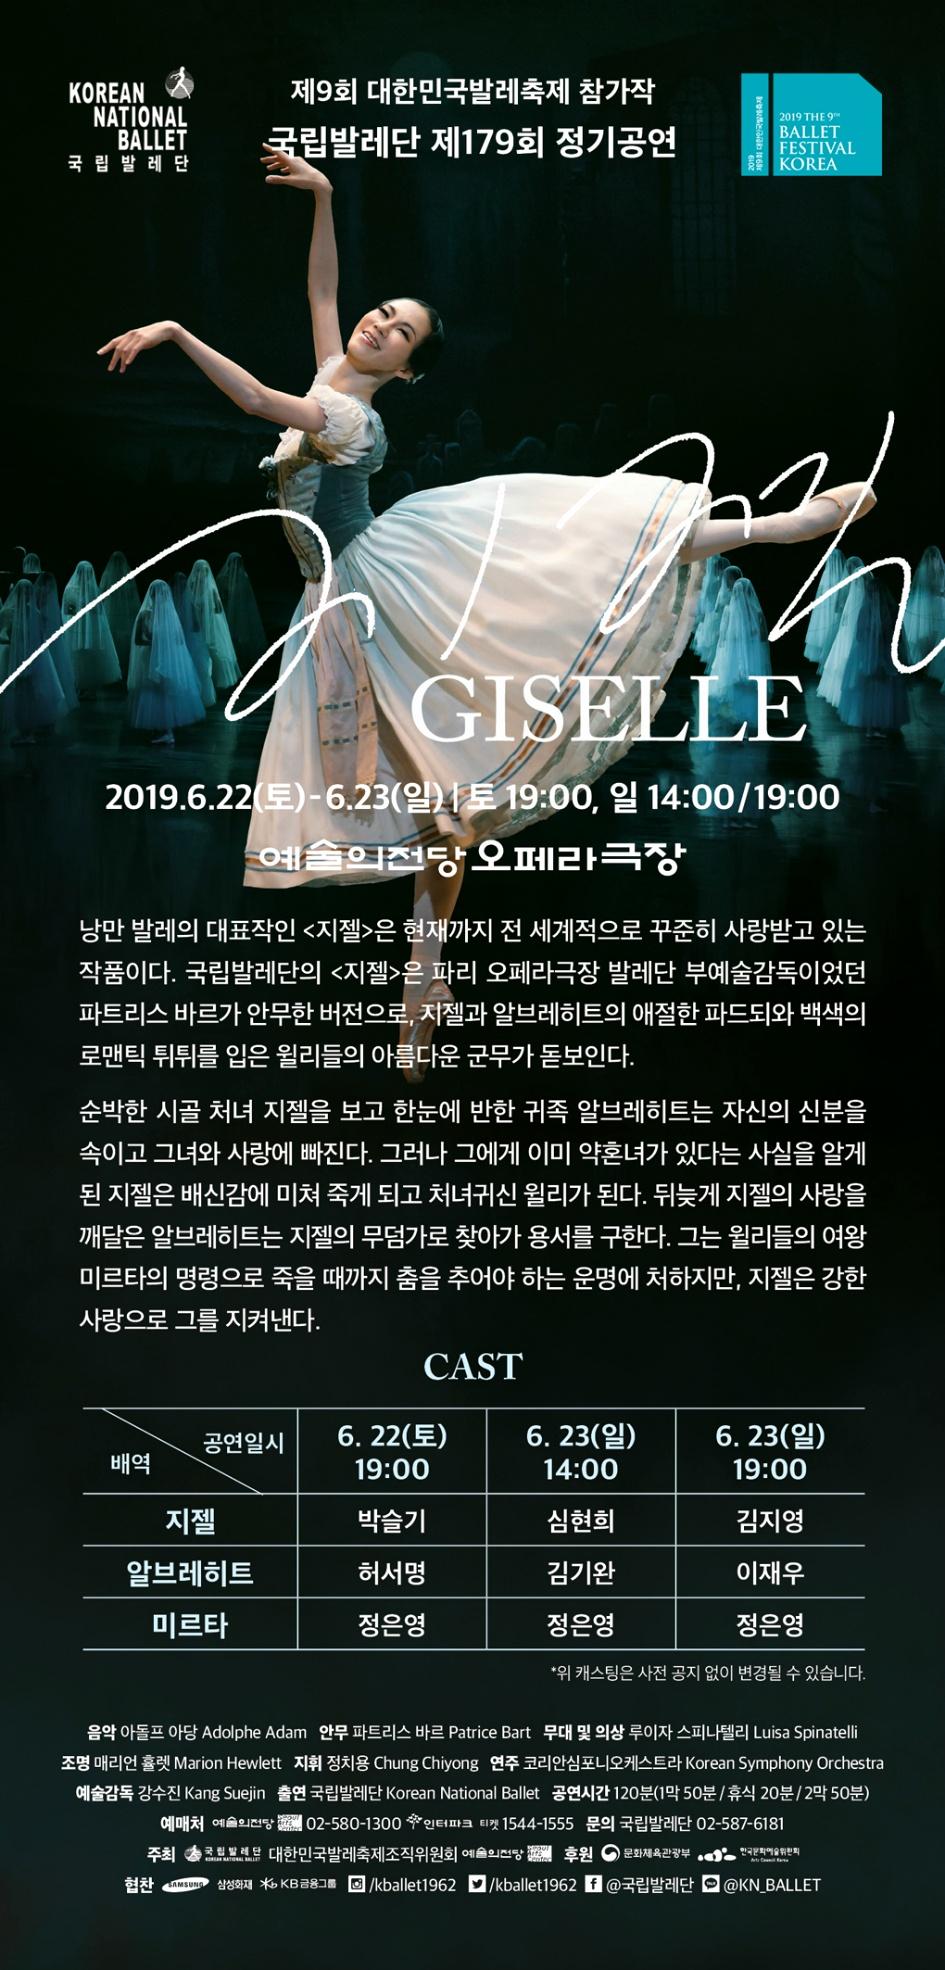 국립발레단 <지젤>김지영 고별공연/2019.6.23.일/예술의전당 오페라하우스